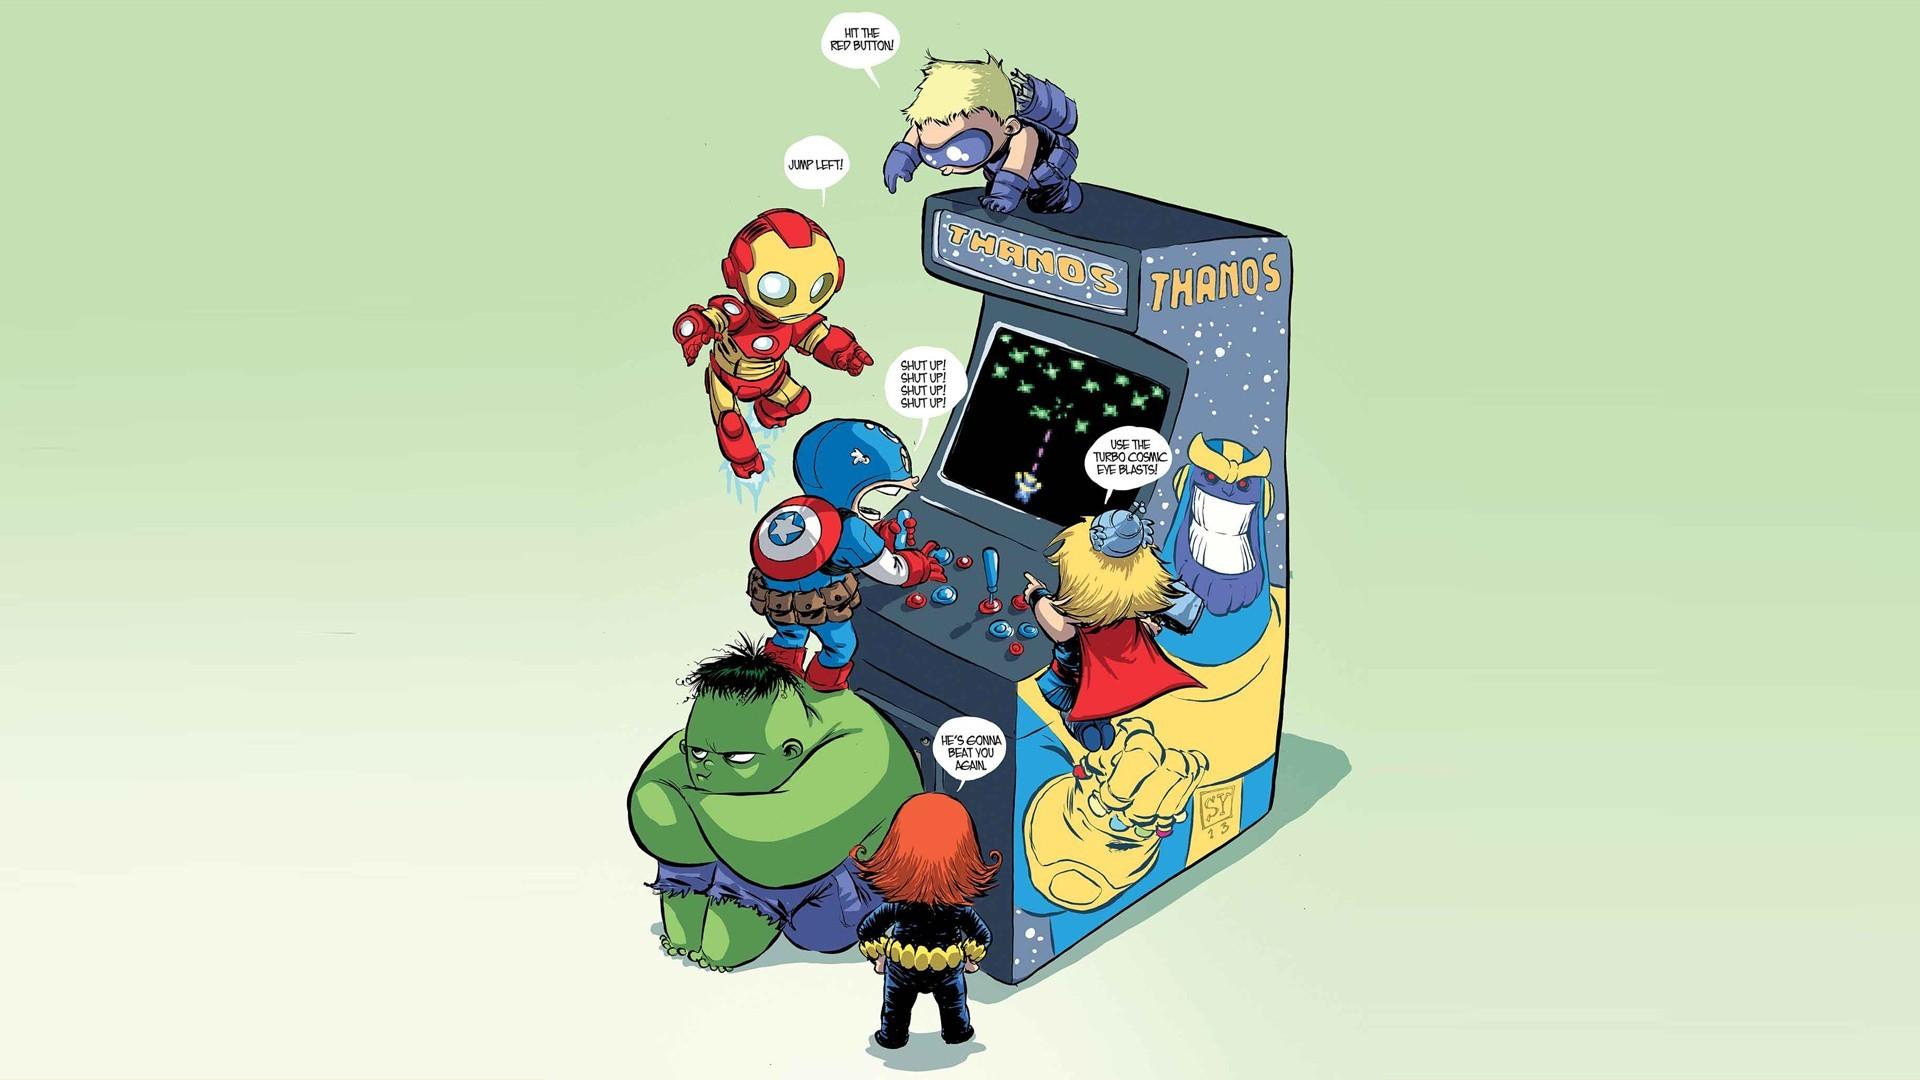 Sfondi illustrazione thor film cartone animato marvel comics